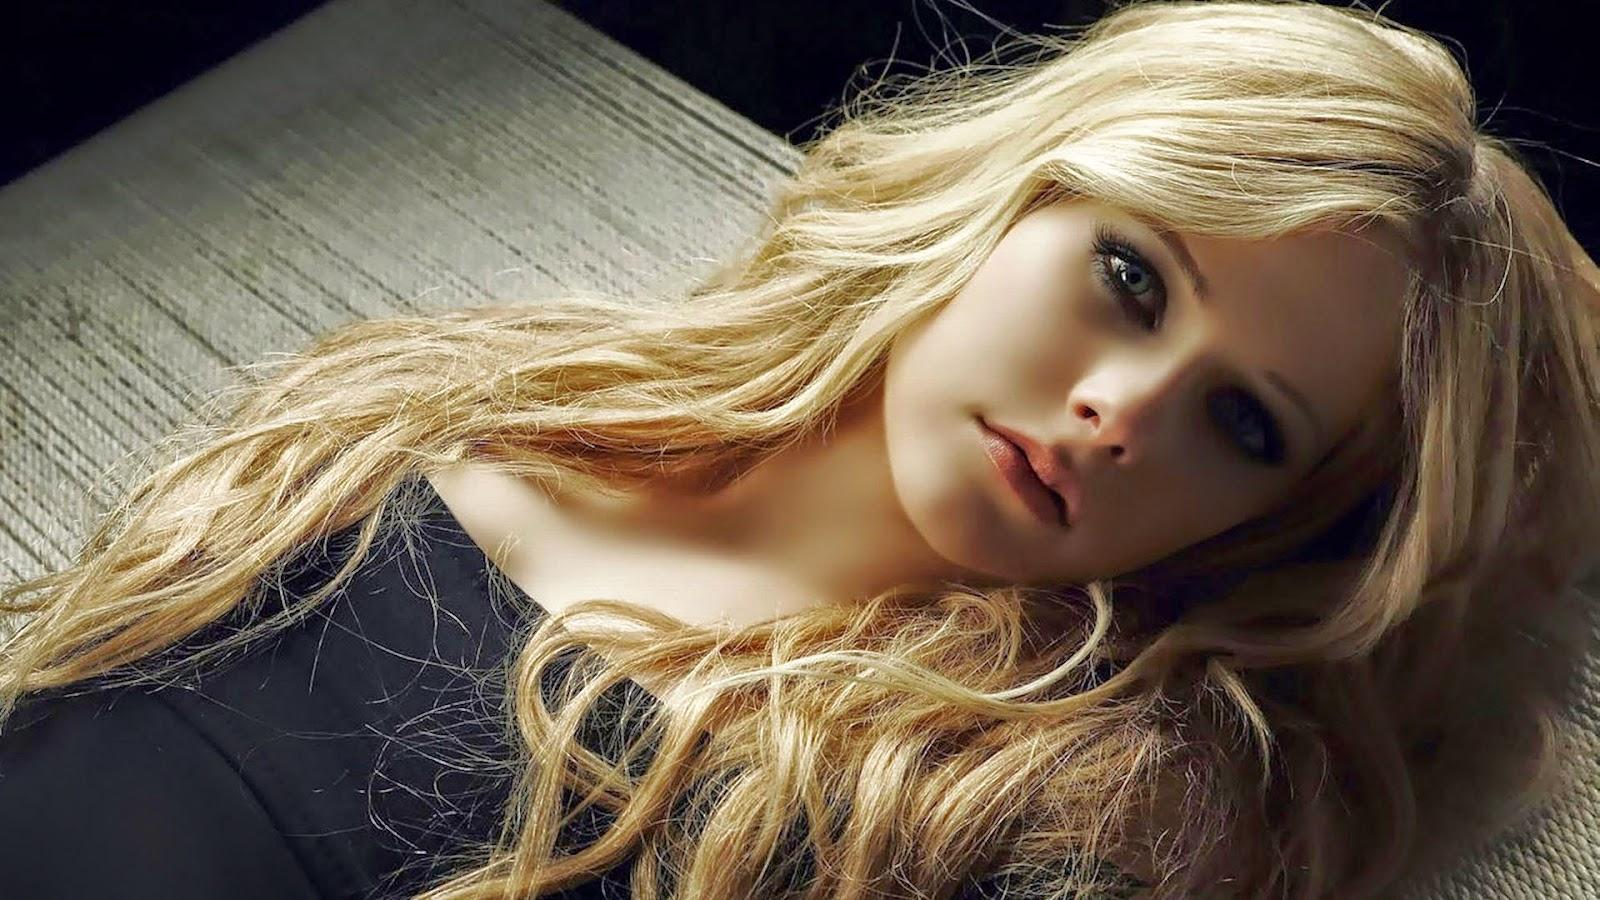 Фото девушек блондинок грустной